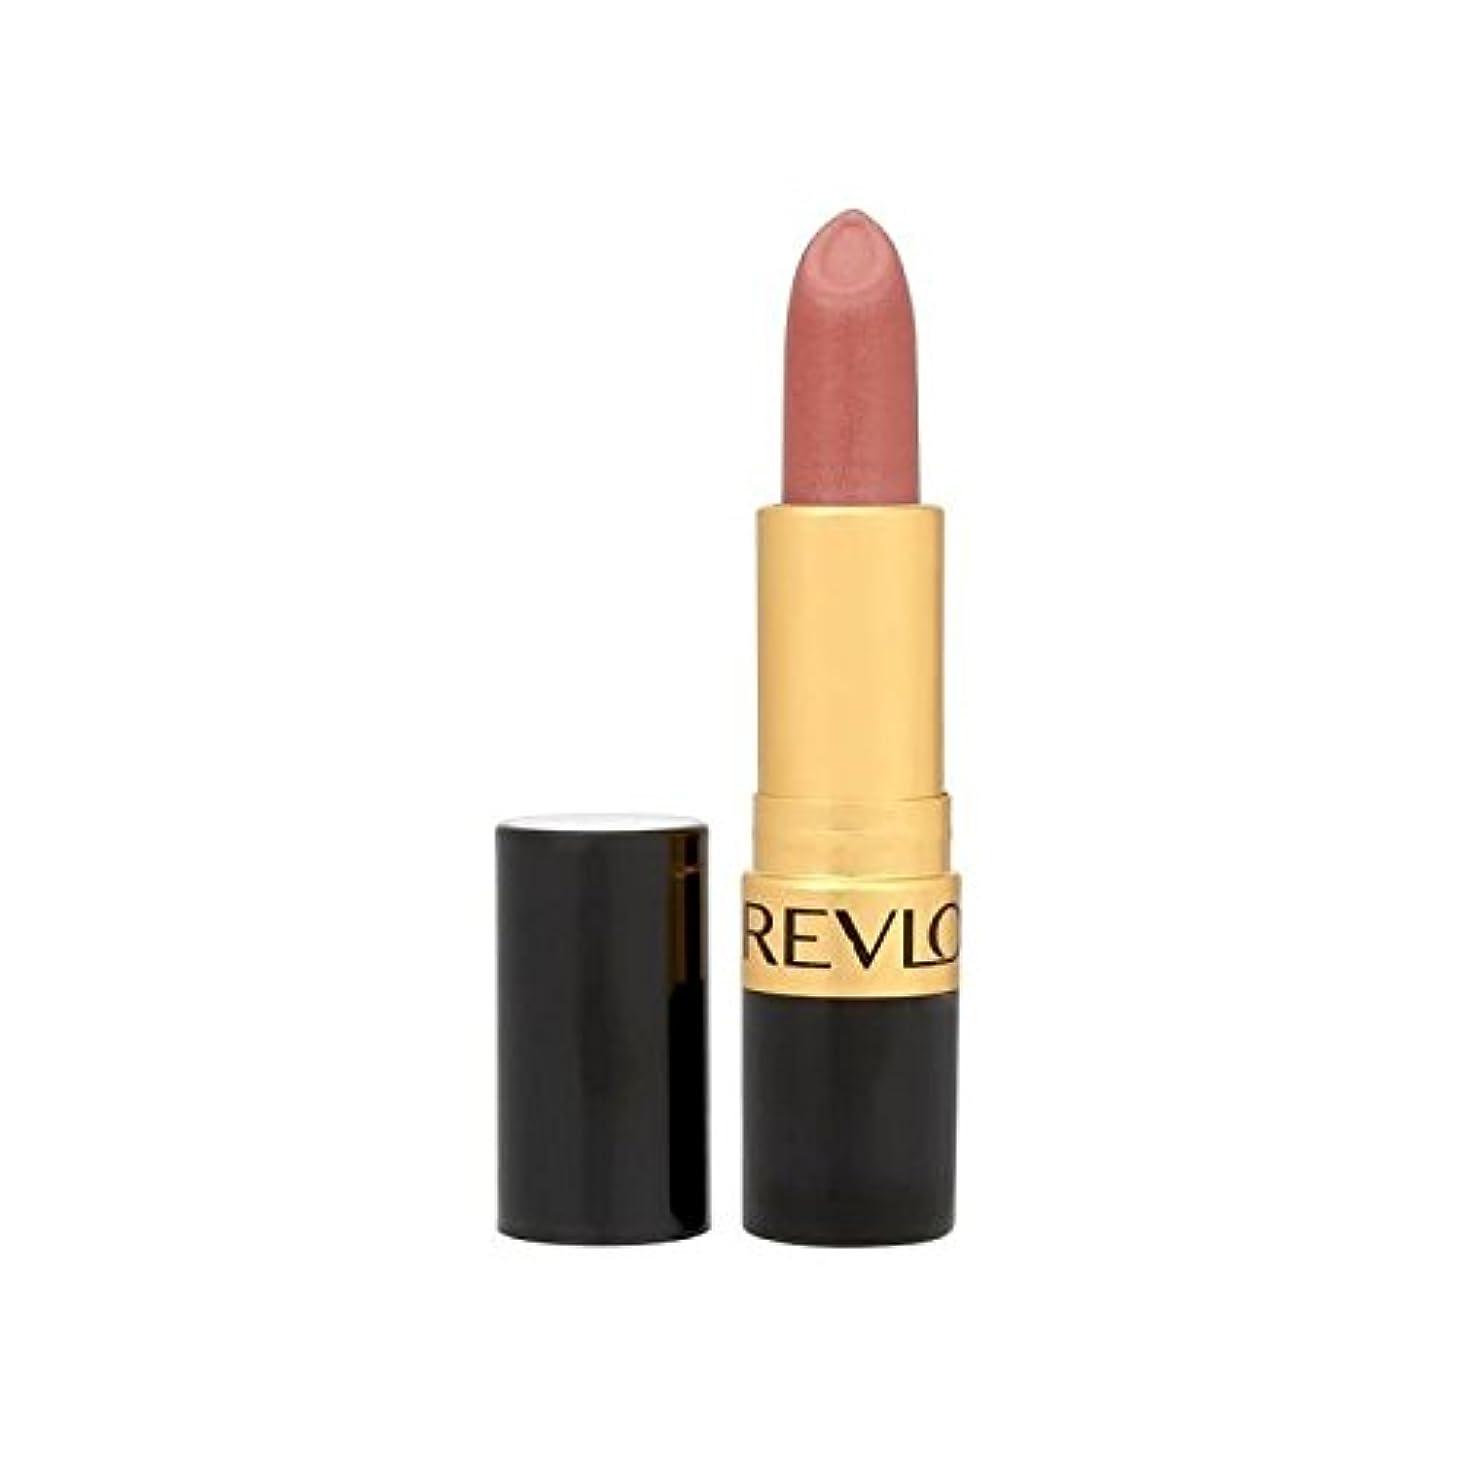 人物逮捕補償レブロンスーパー光沢のある口紅は420を赤らめ x4 - Revlon Super Lustrous Lipstick Blushed 420 (Pack of 4) [並行輸入品]